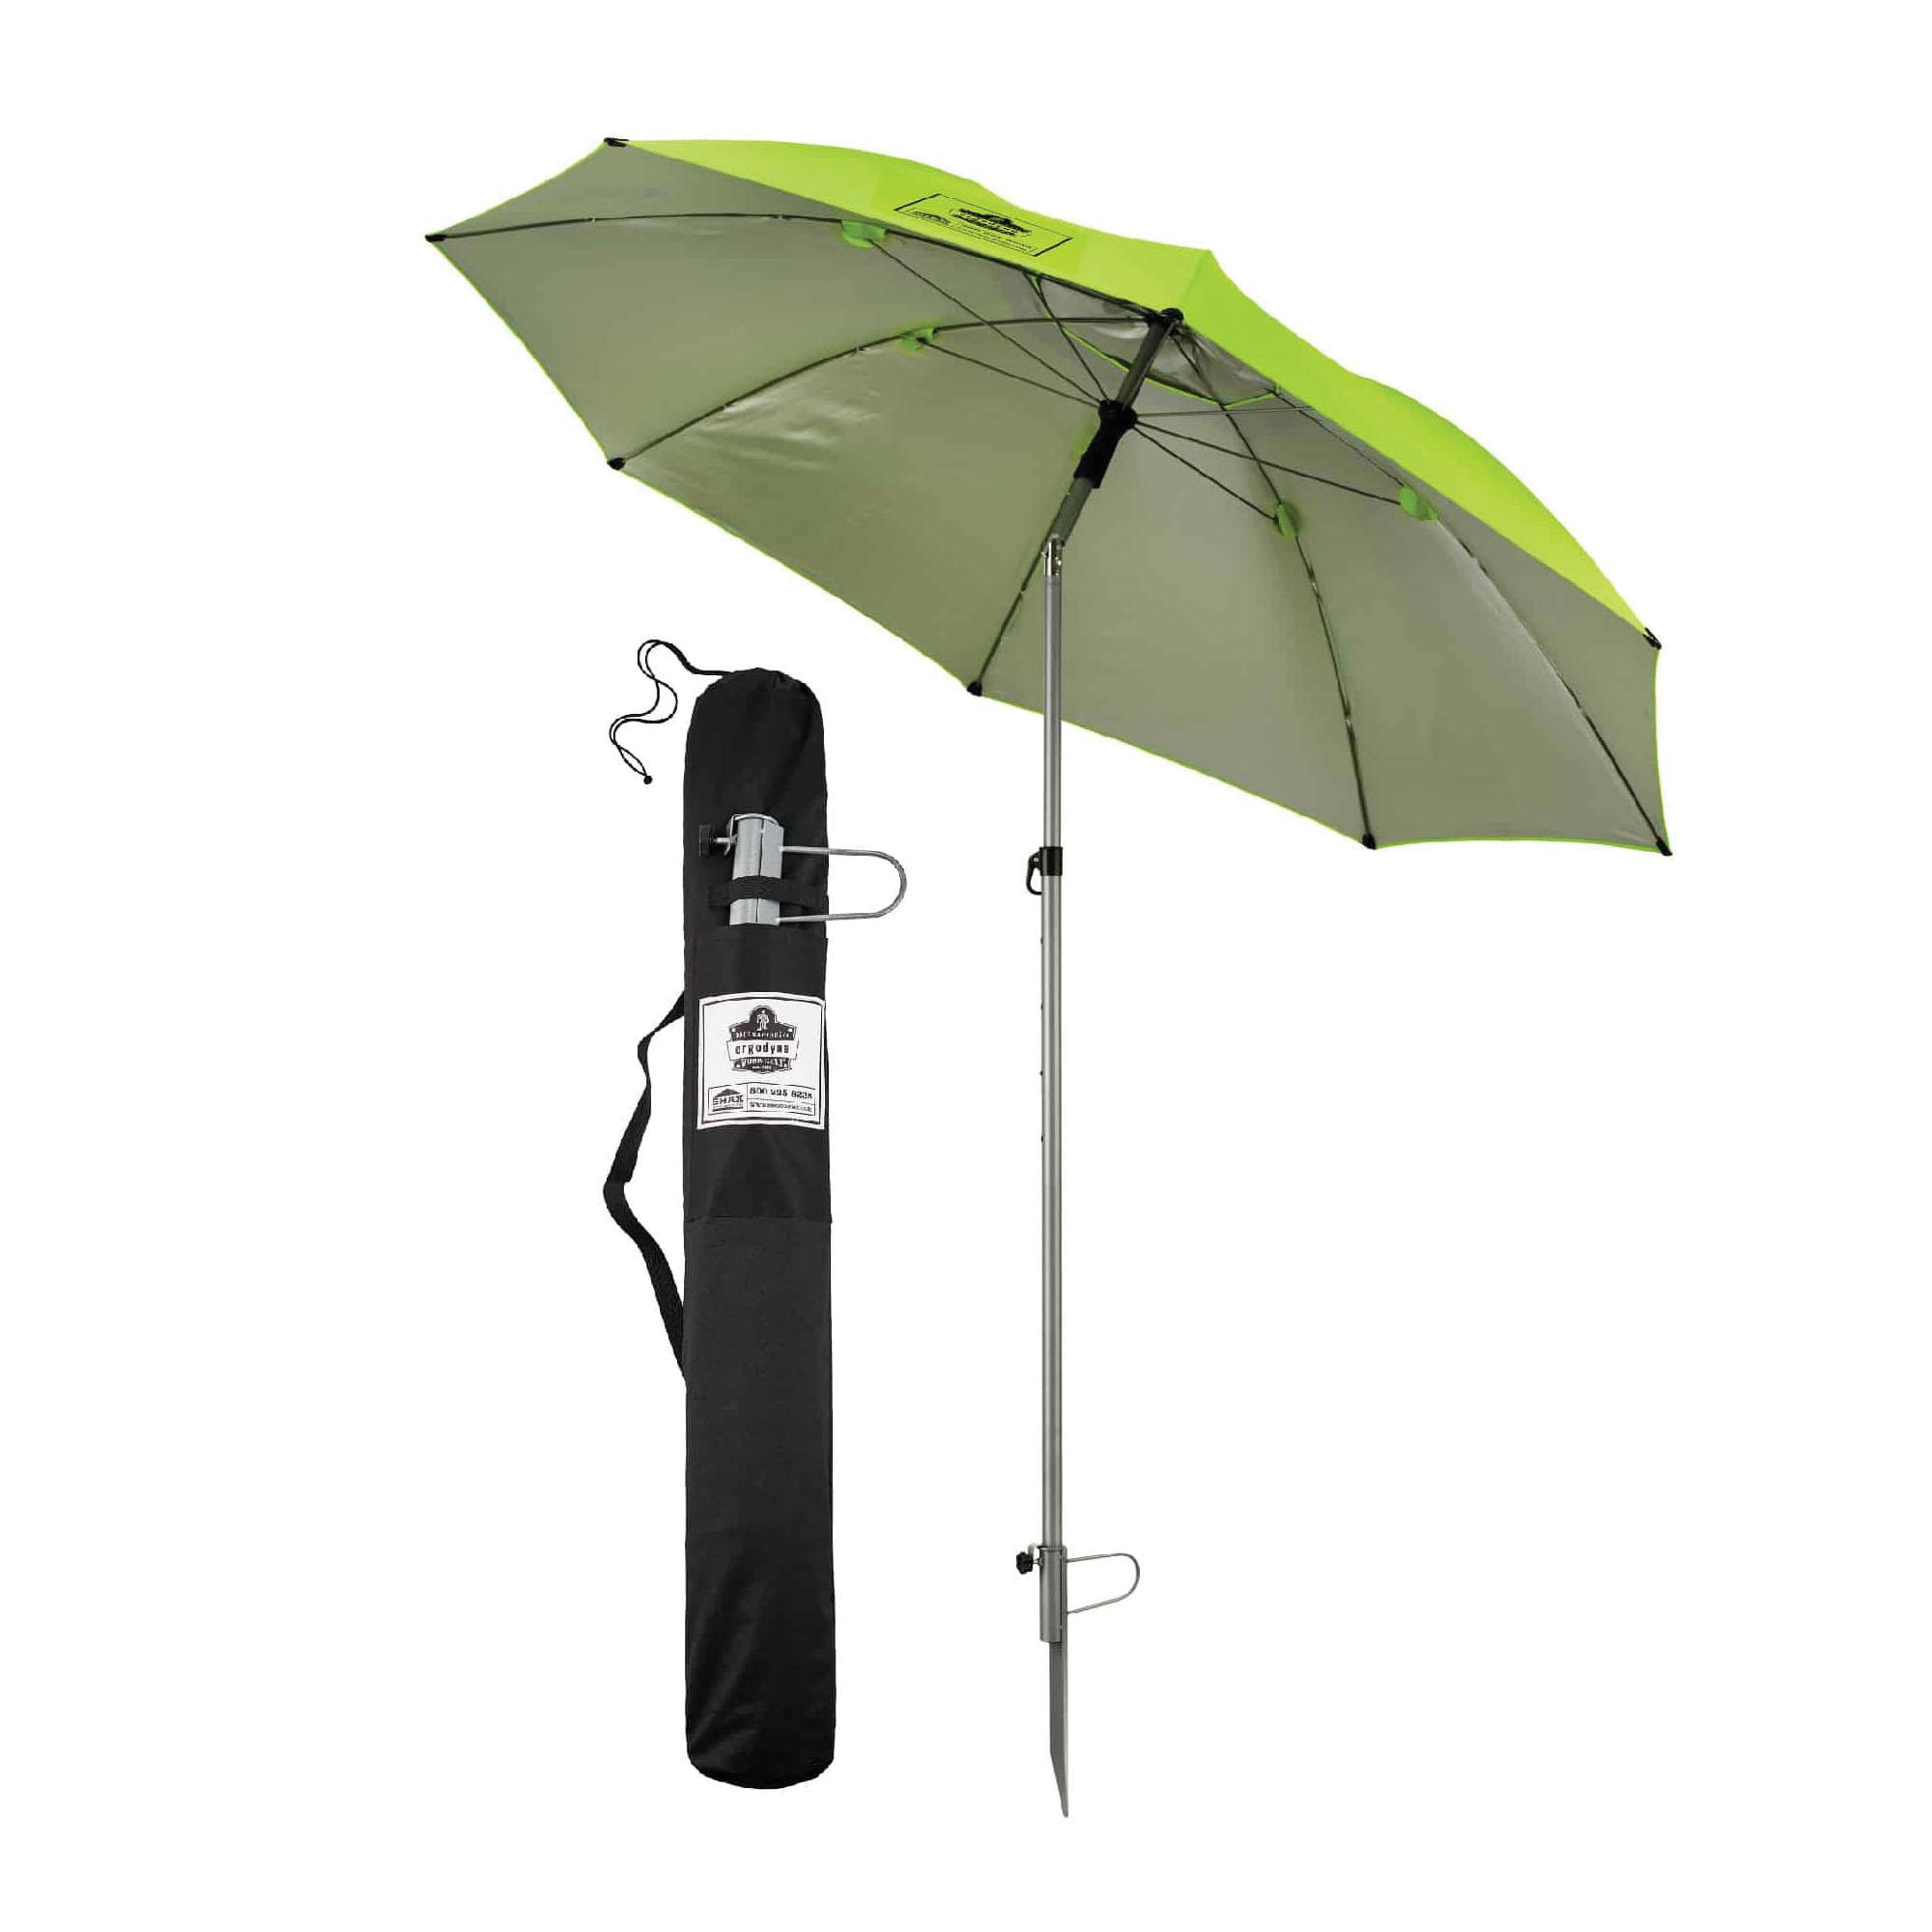 SHAX® 12900-PALLET 6000 Commercial Heavy Duty Pop-Up Tent, 10 ft L x 10 ft W x 14 ft H, 300D Polyester, Hi-Viz Lime